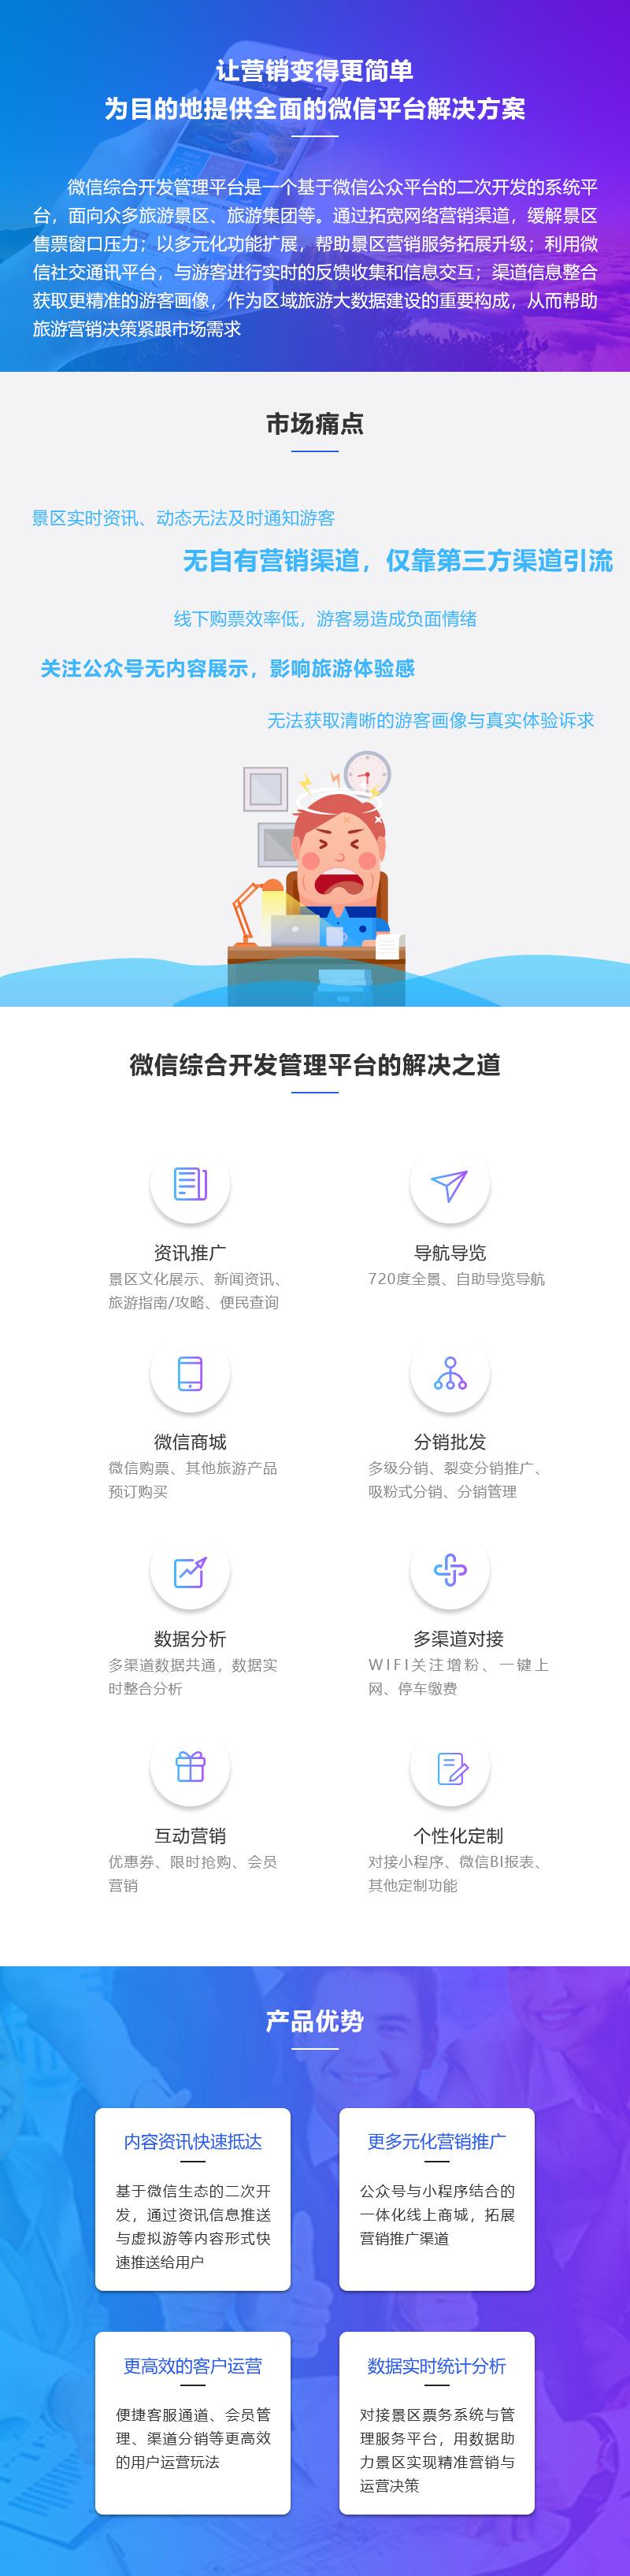 微信綜合開發管理平臺